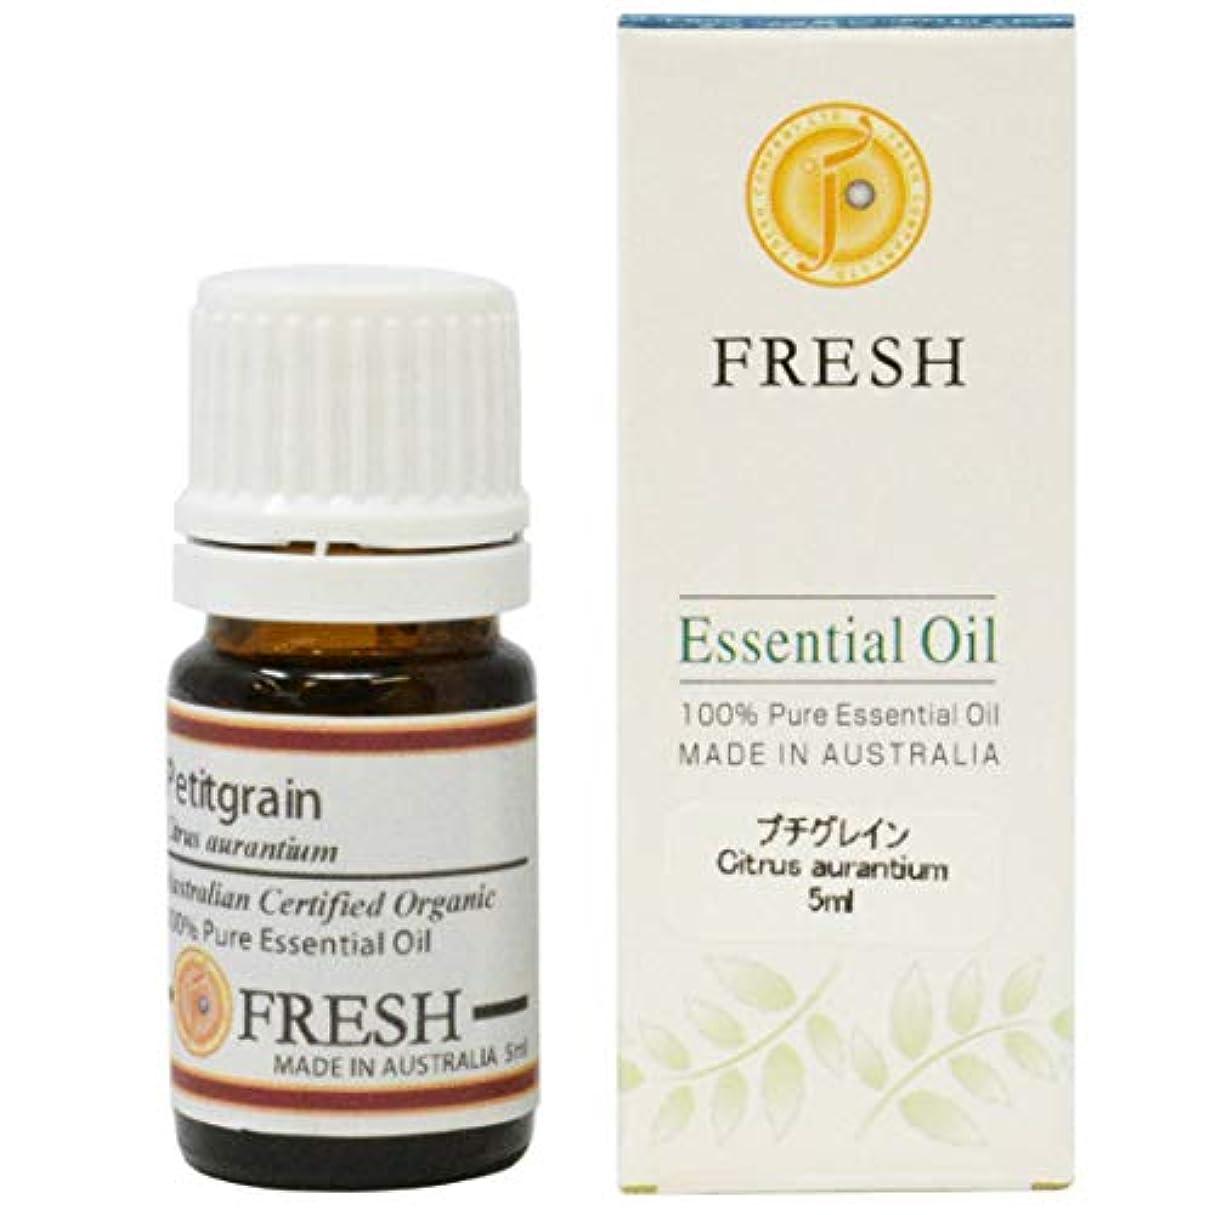 ブランド名コミットによるとFRESH オーガニック エッセンシャルオイル プチグレイン 5ml (FRESH 精油)